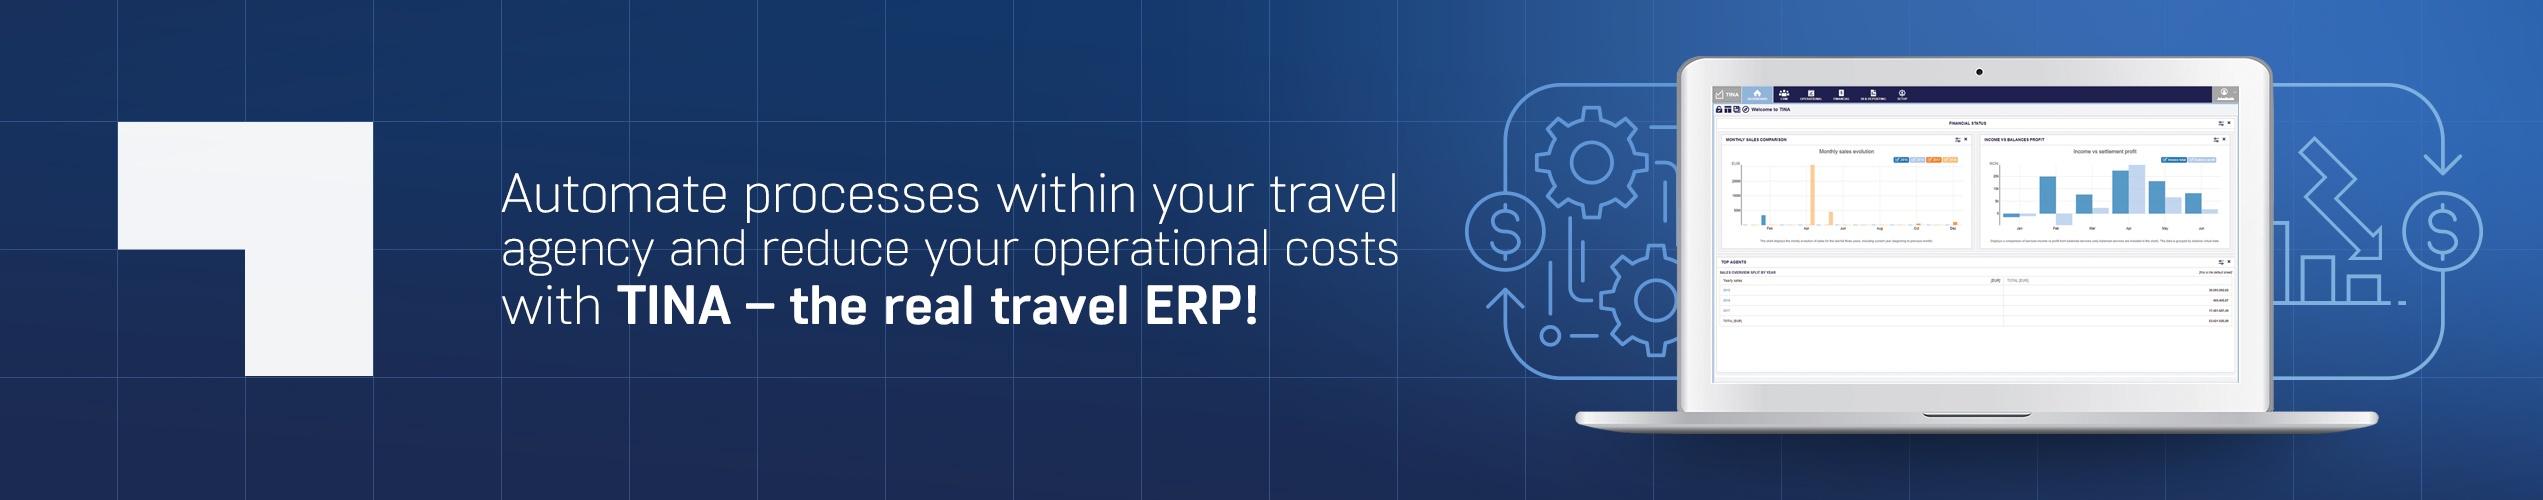 TINA travel ERP